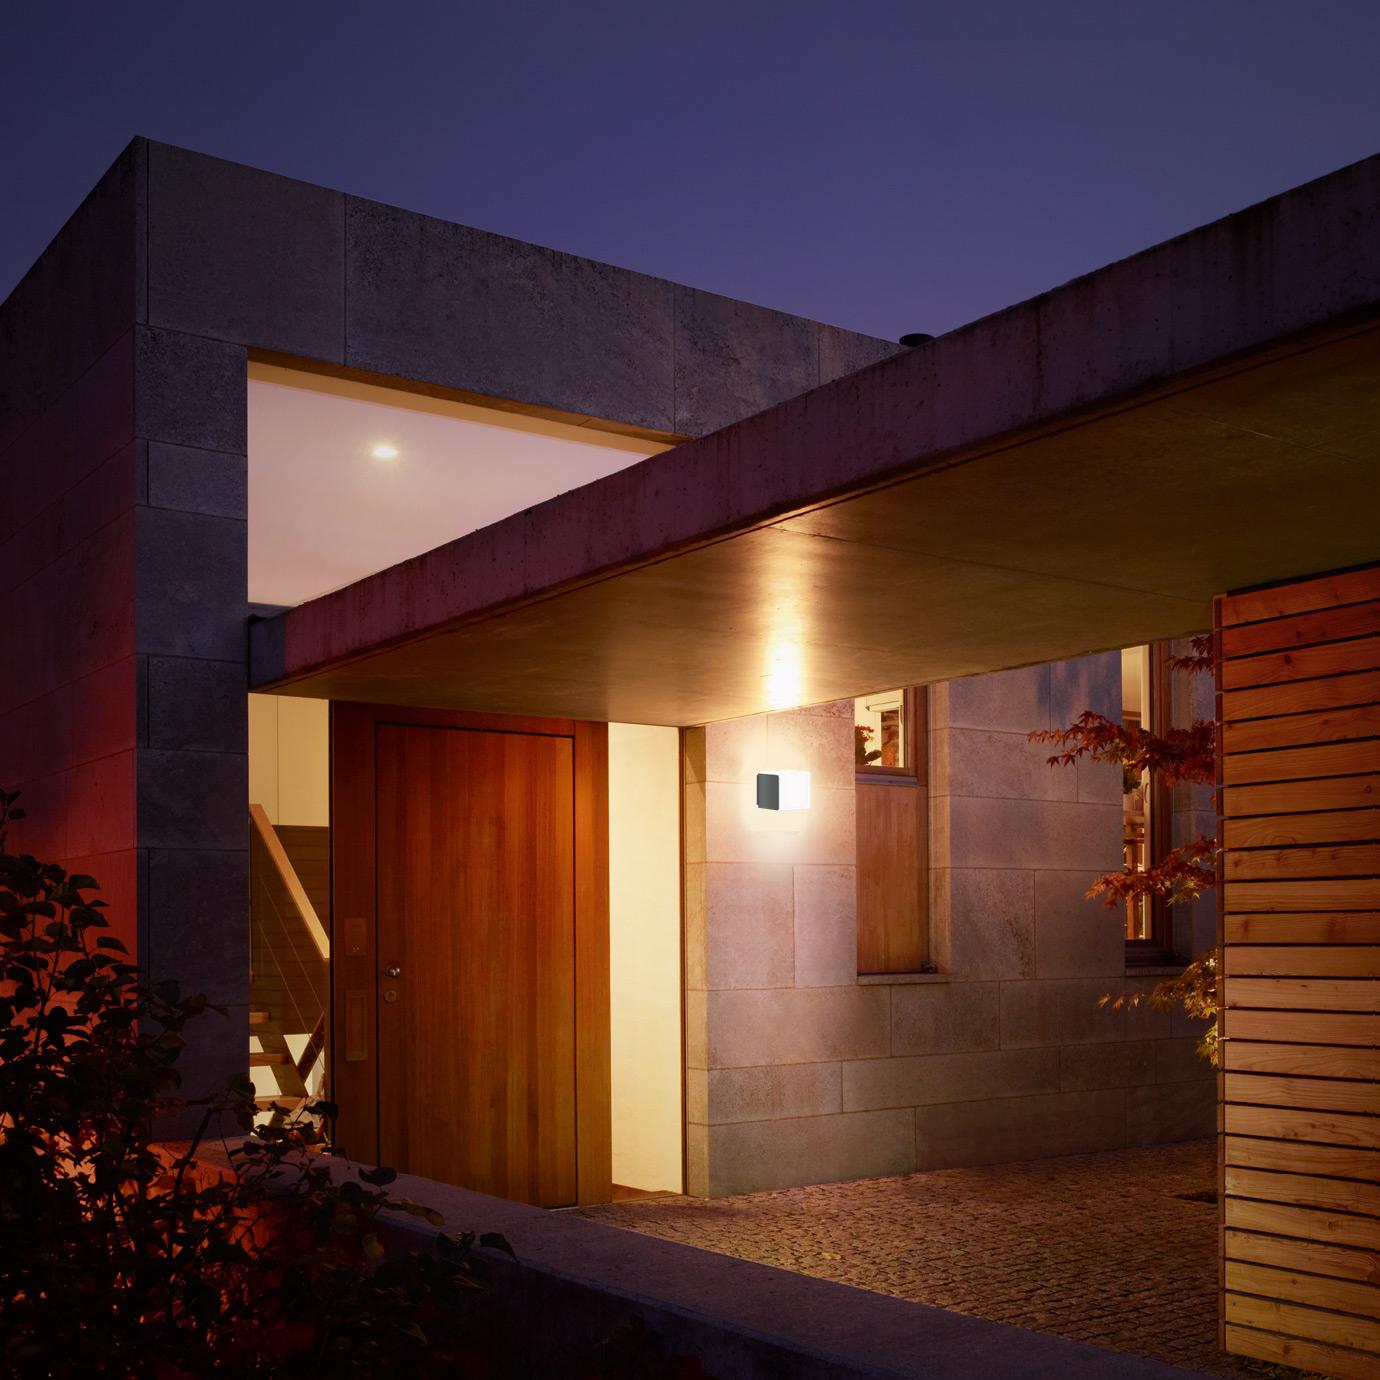 Наружное освещение зданий: основные принципы, виды и типы